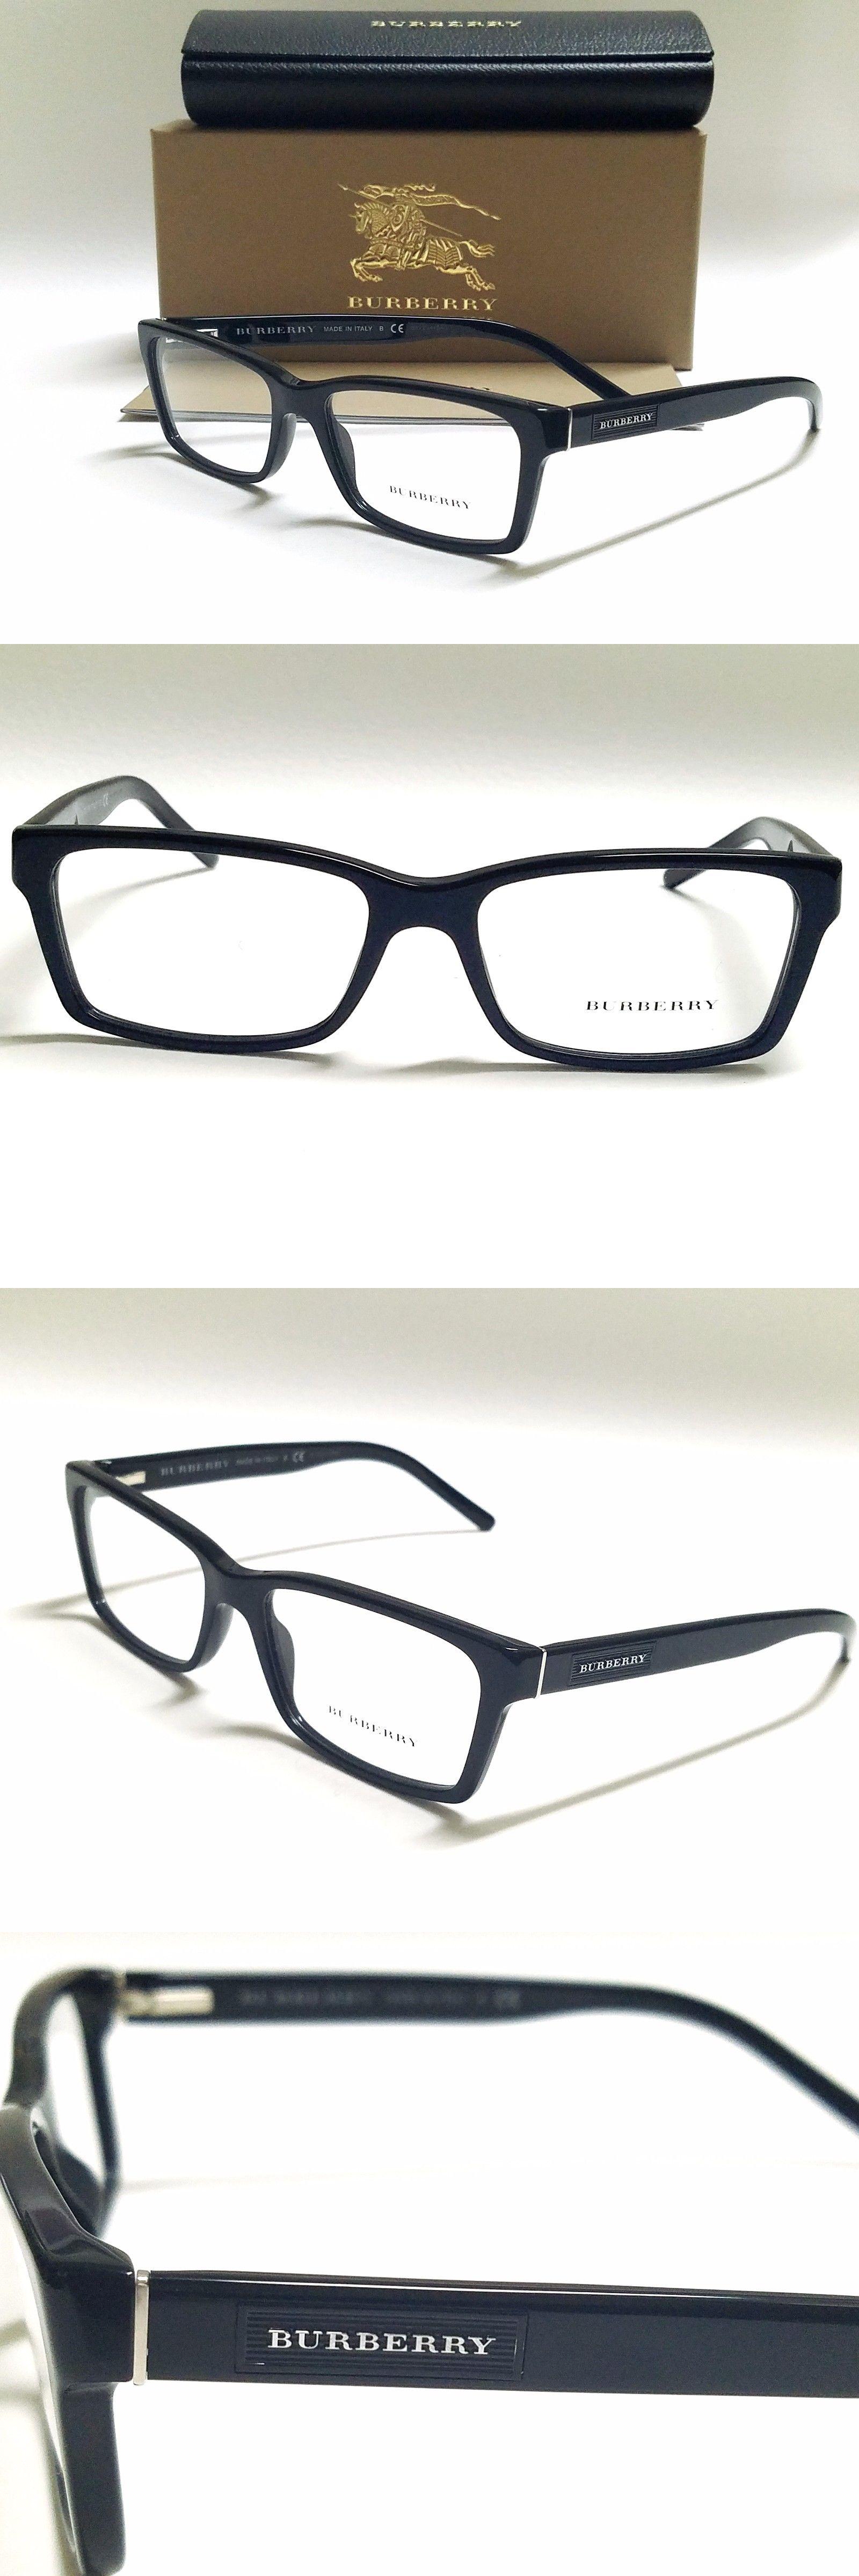 eyeglass frames authentic burberry be2108 3001 black 54 16 140 full rim men s rx - Ebay Eyeglasses Frames